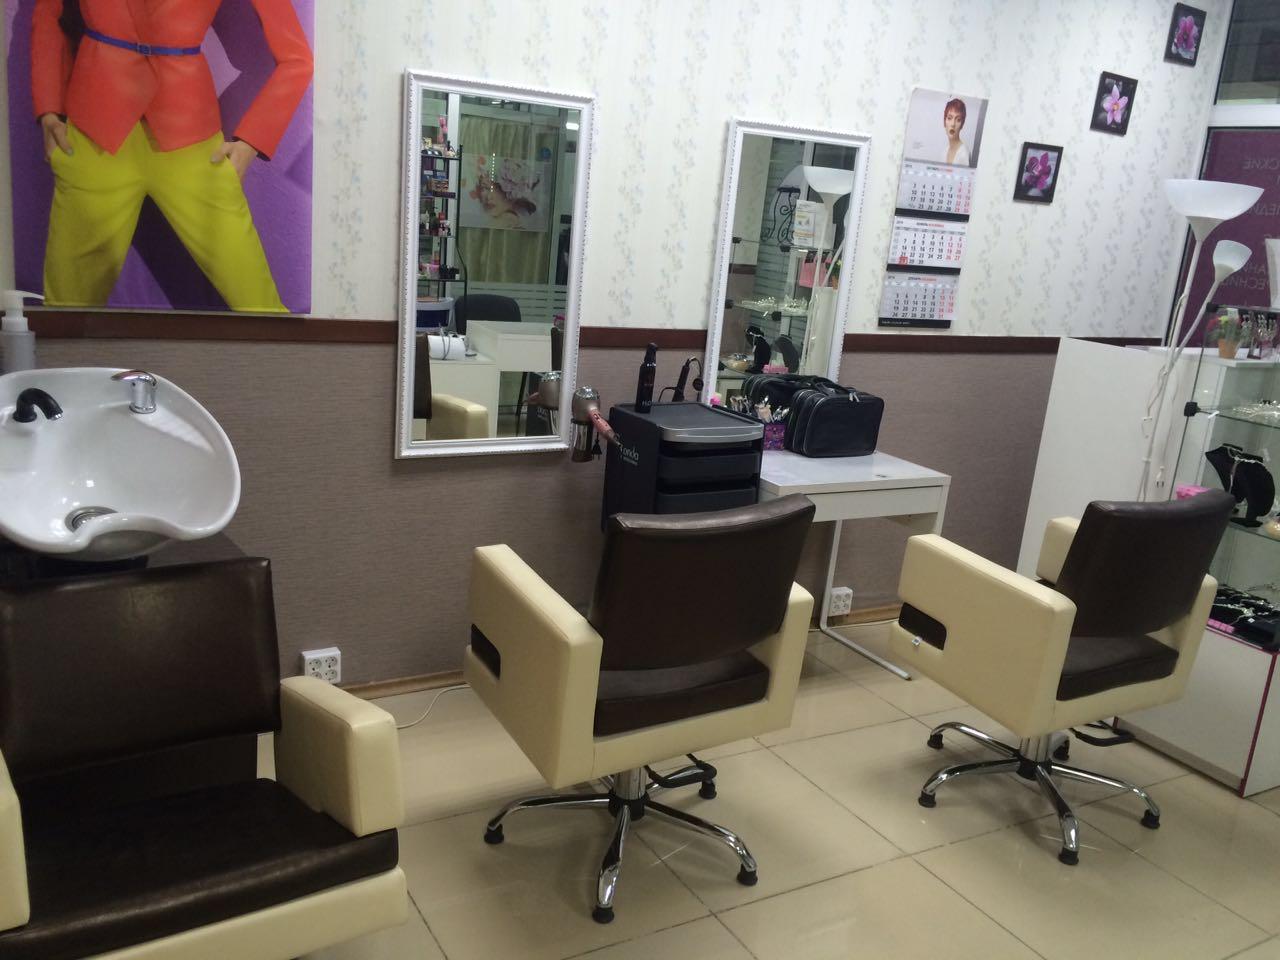 """Салону красоты """"Адель"""" срочно требуется парикмахер-универсал, можно на аренду или проценты. Срочно!!! Galaxy 4 эта�..."""